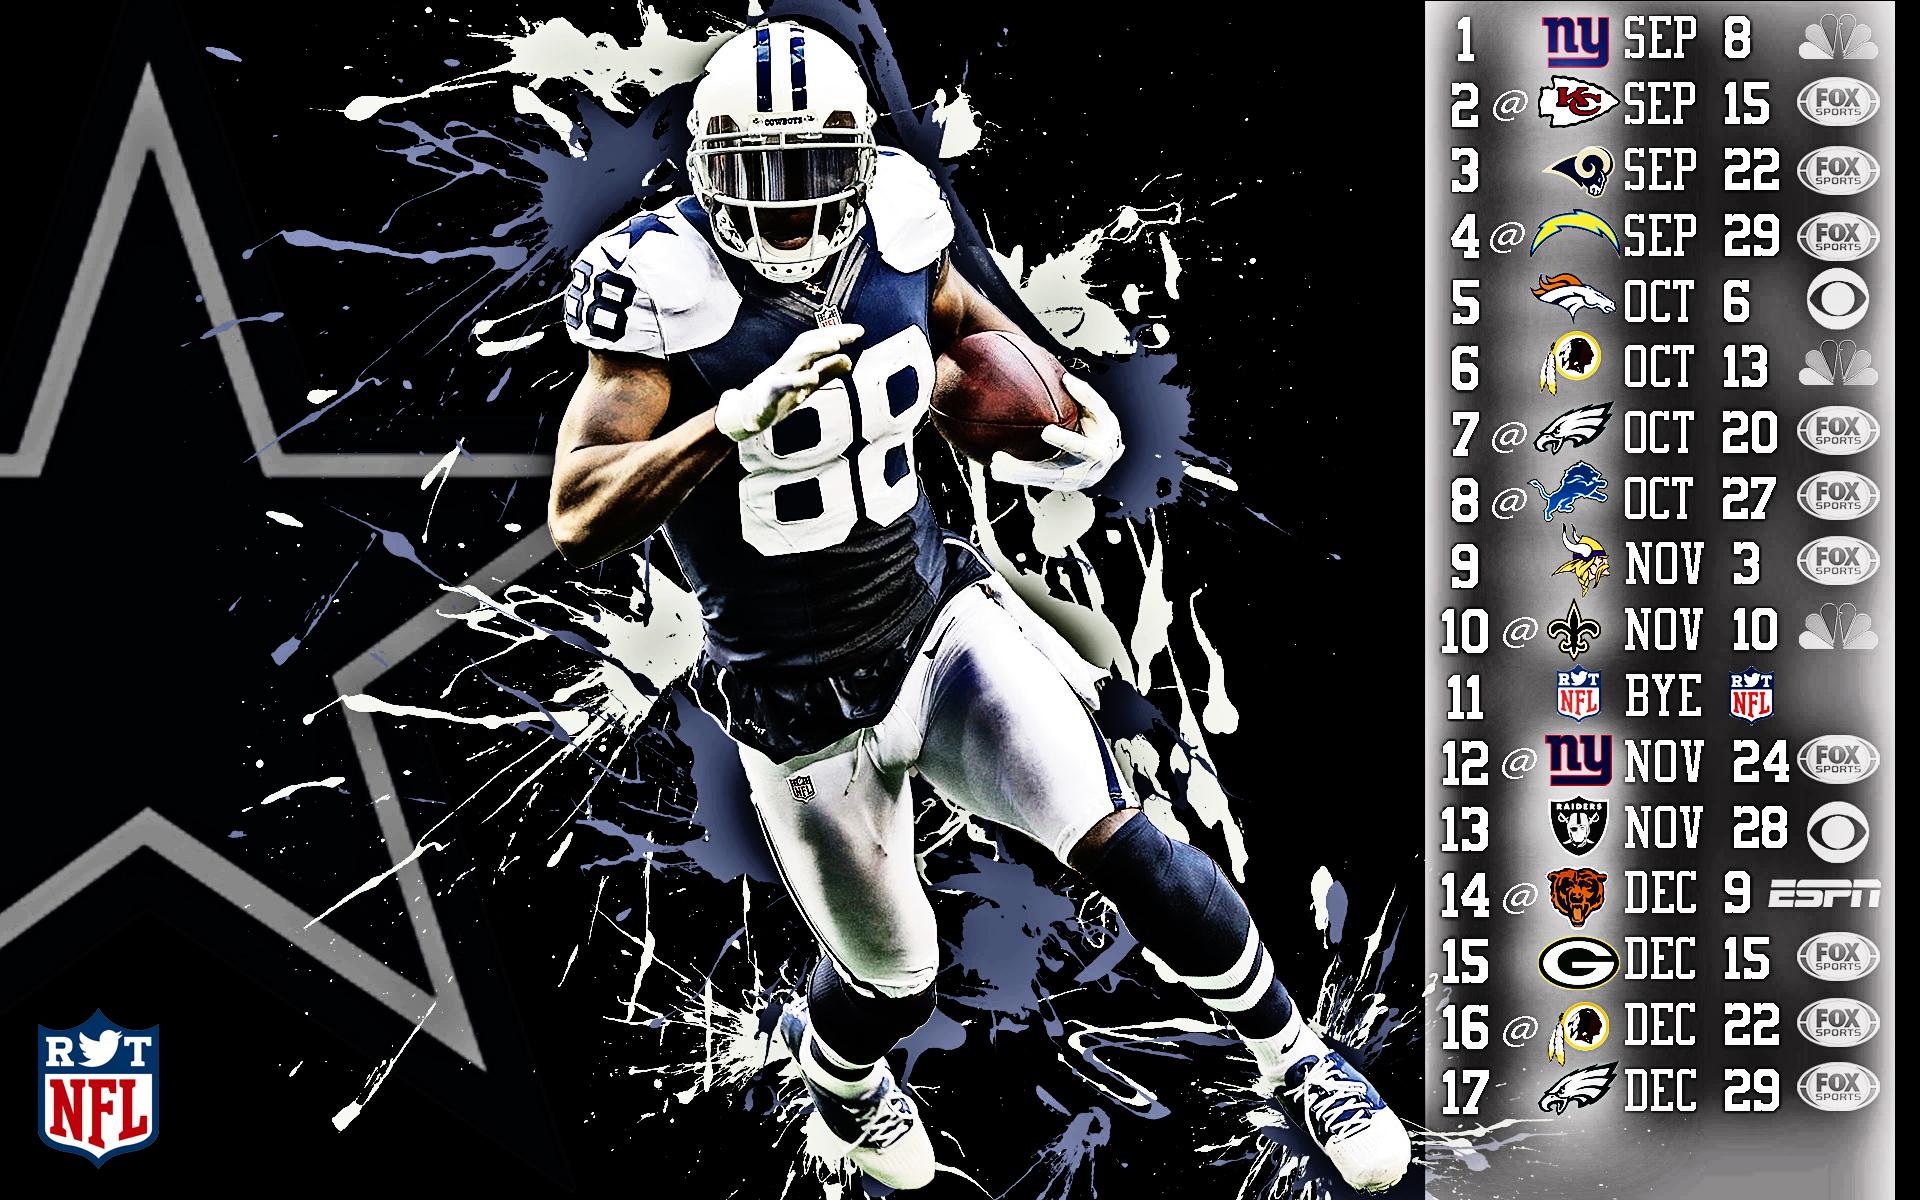 Raiders Schedule Wallpaper 2013 Schedule Wallpaper